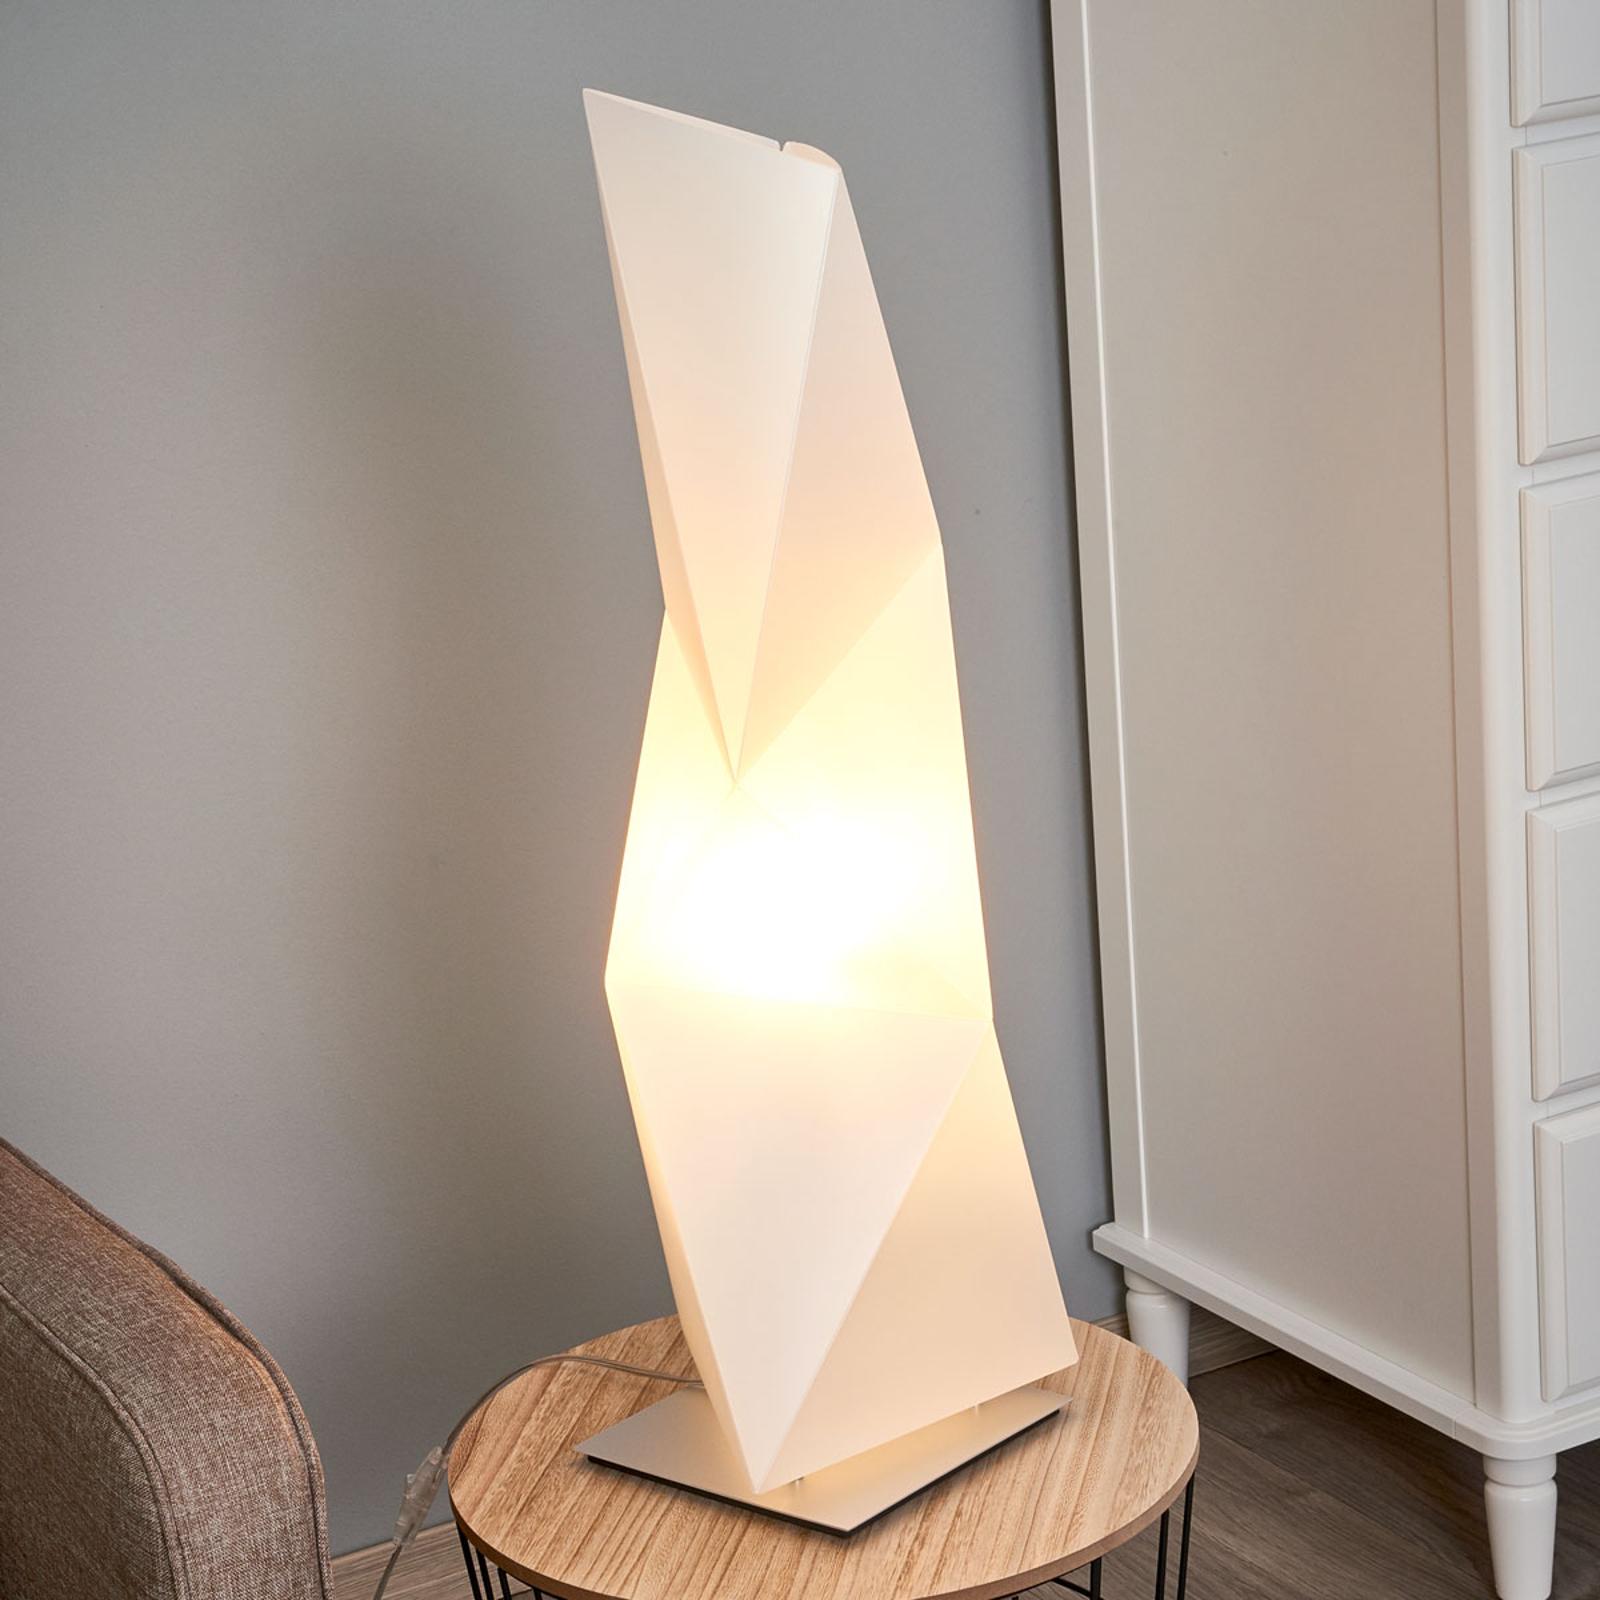 Kulmikas design-pöytävalaisin Diamond 72 cm